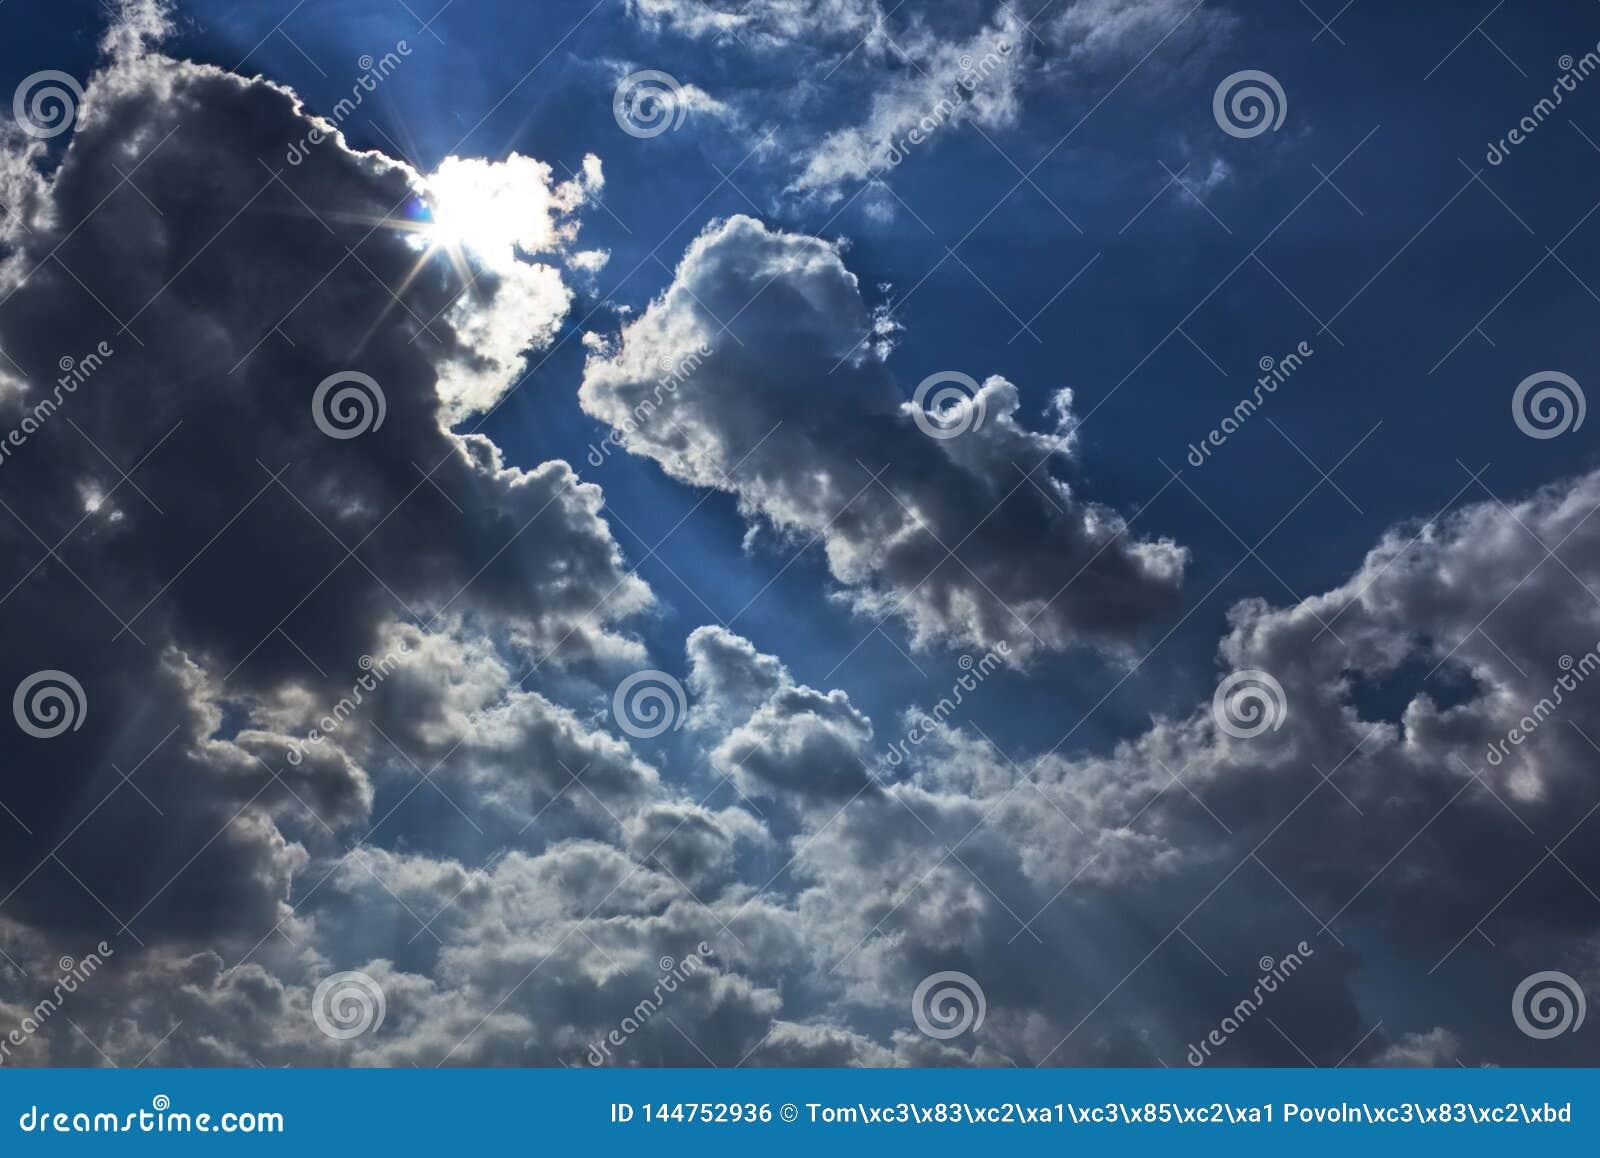 Dramatyczny niebo chmurnieje słońce raców przed grzmotem